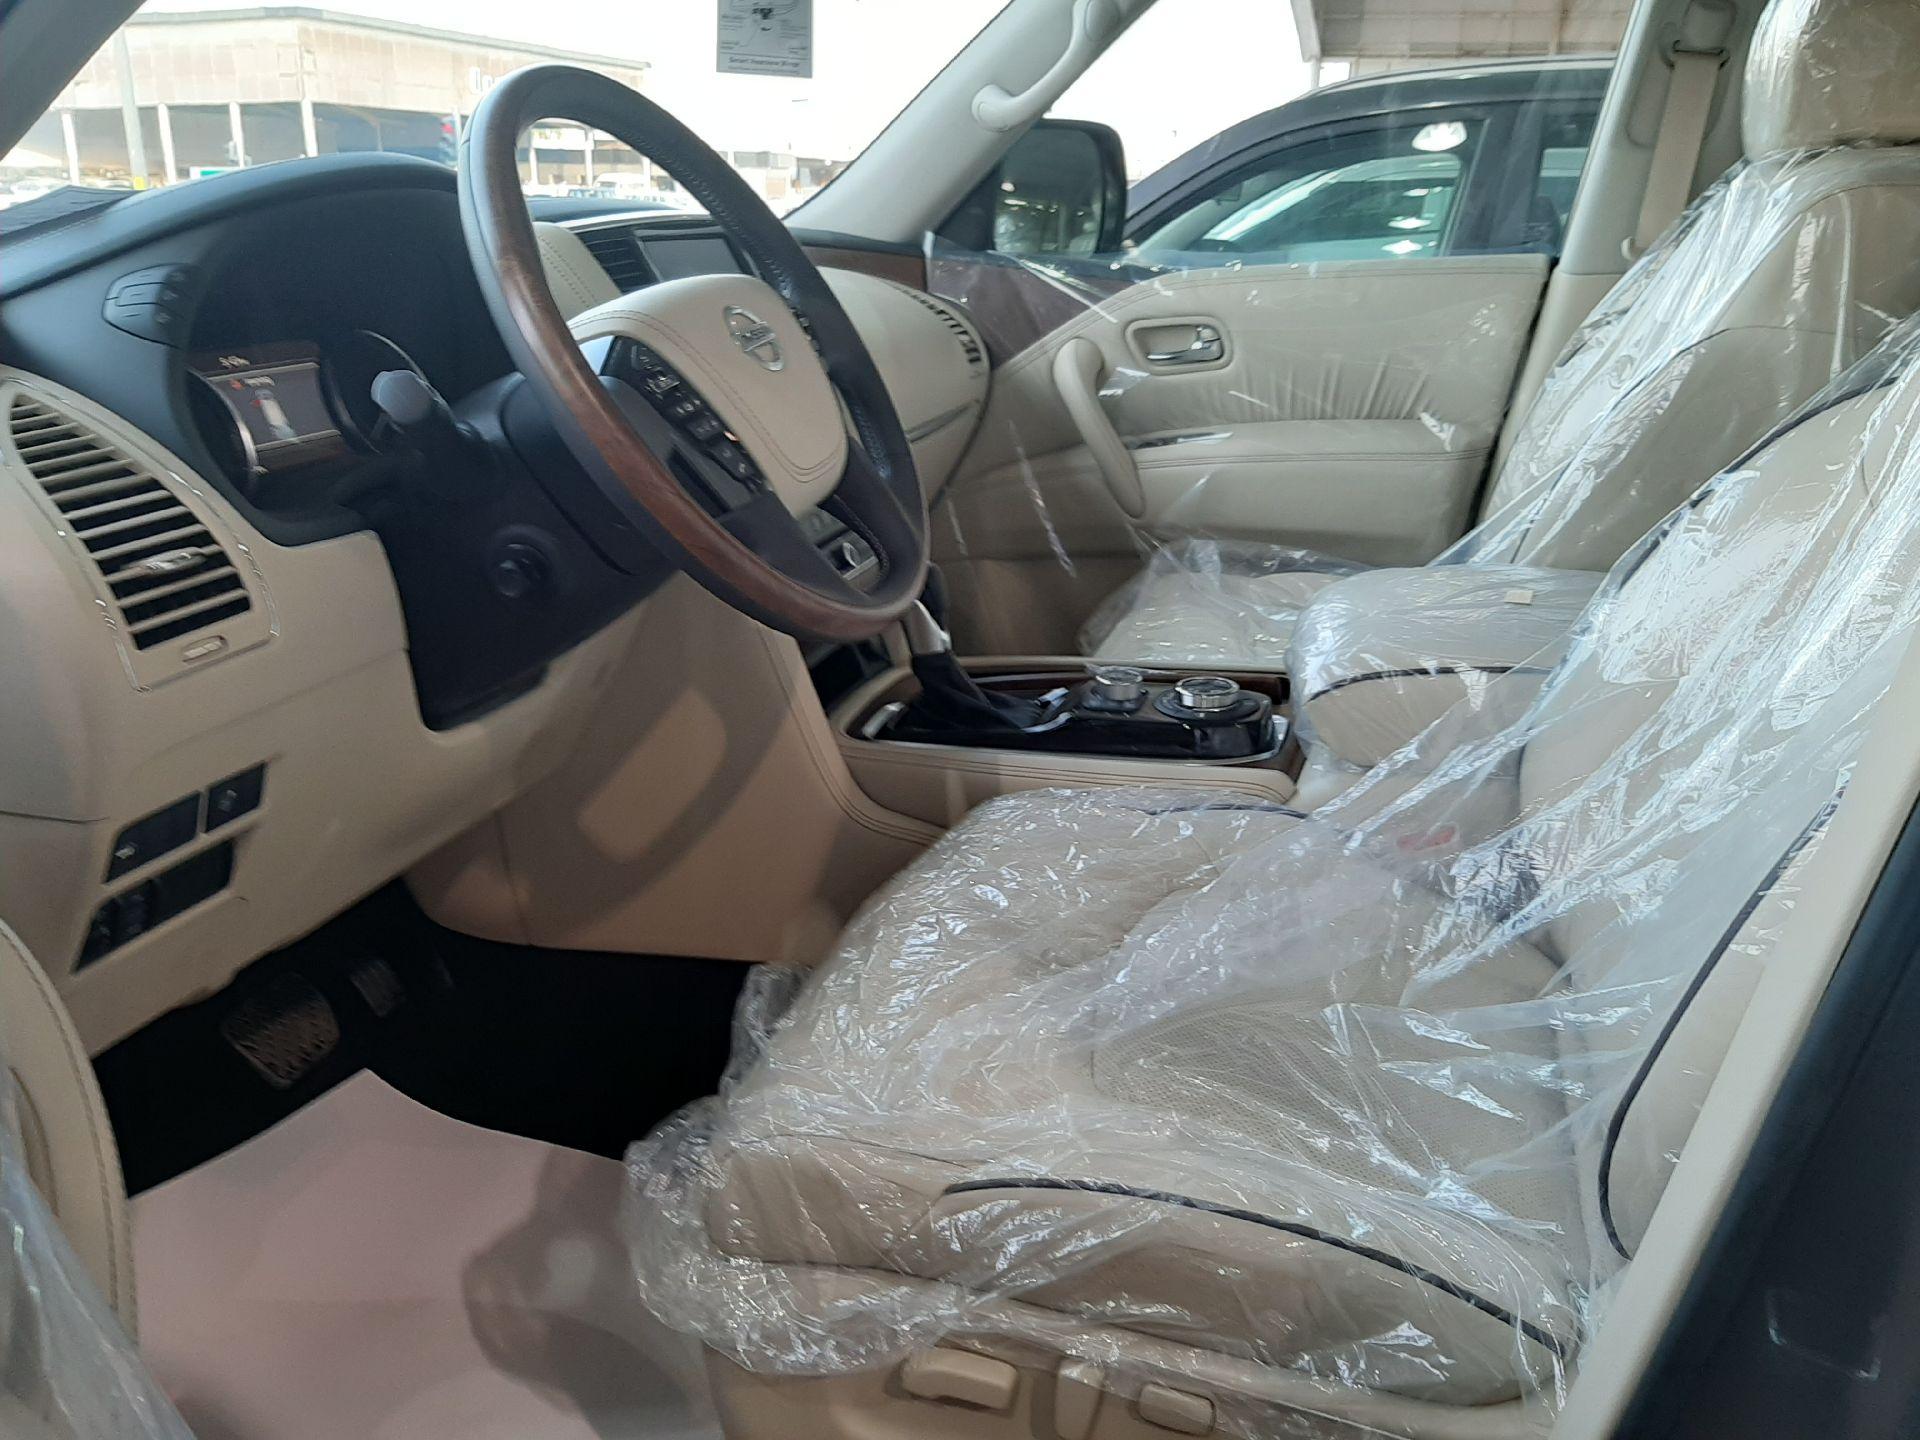 نيسان باترول بلاتينيوم 2020 سعودي فل جديد للبيع في الرياض - السعودية - صورة كبيرة - 7